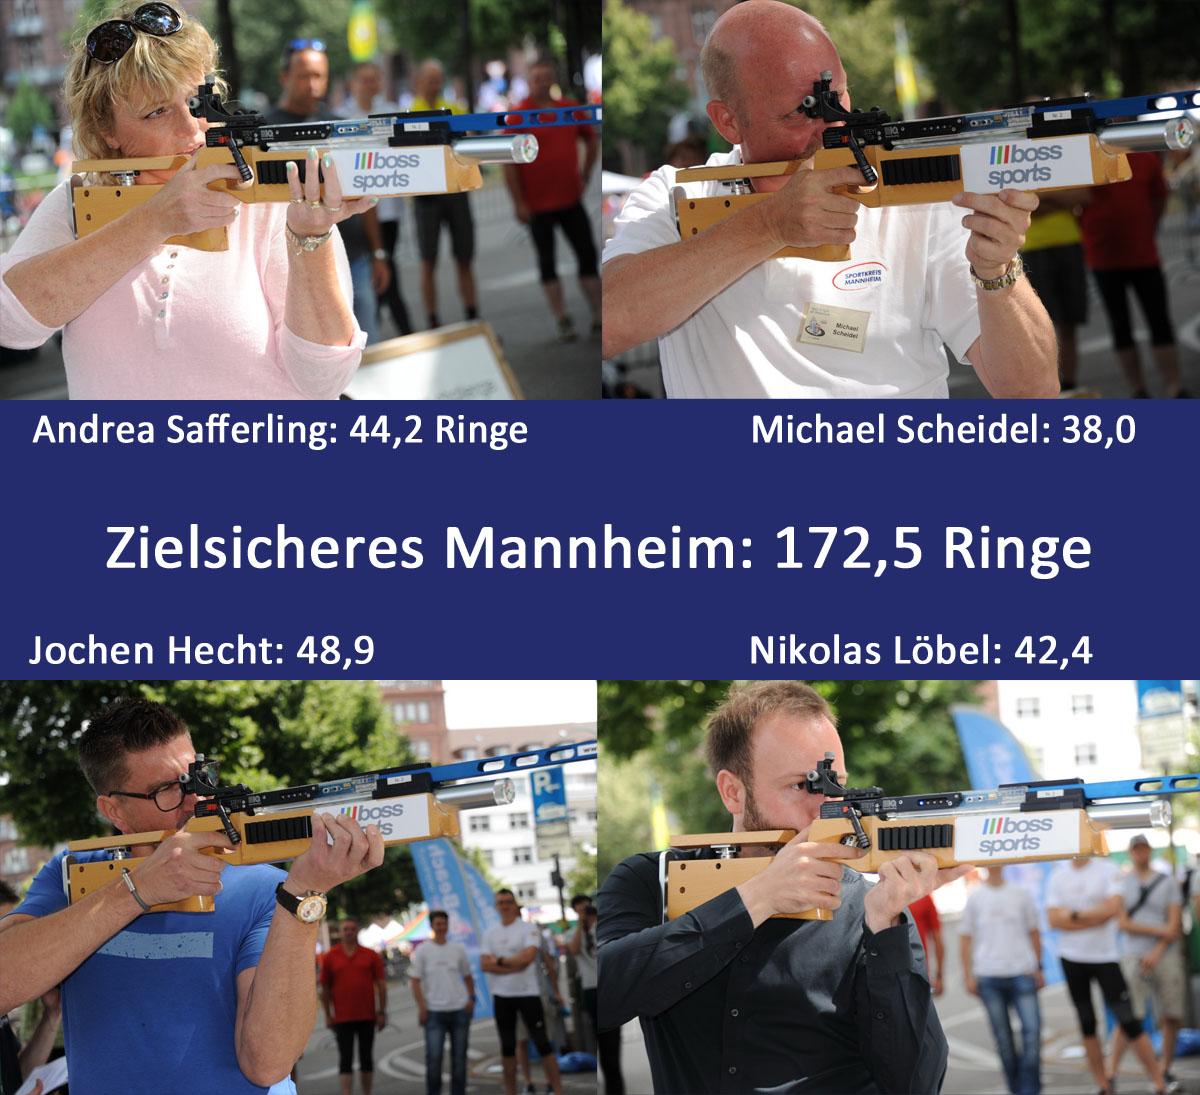 a_Zielsicheres Mannheim